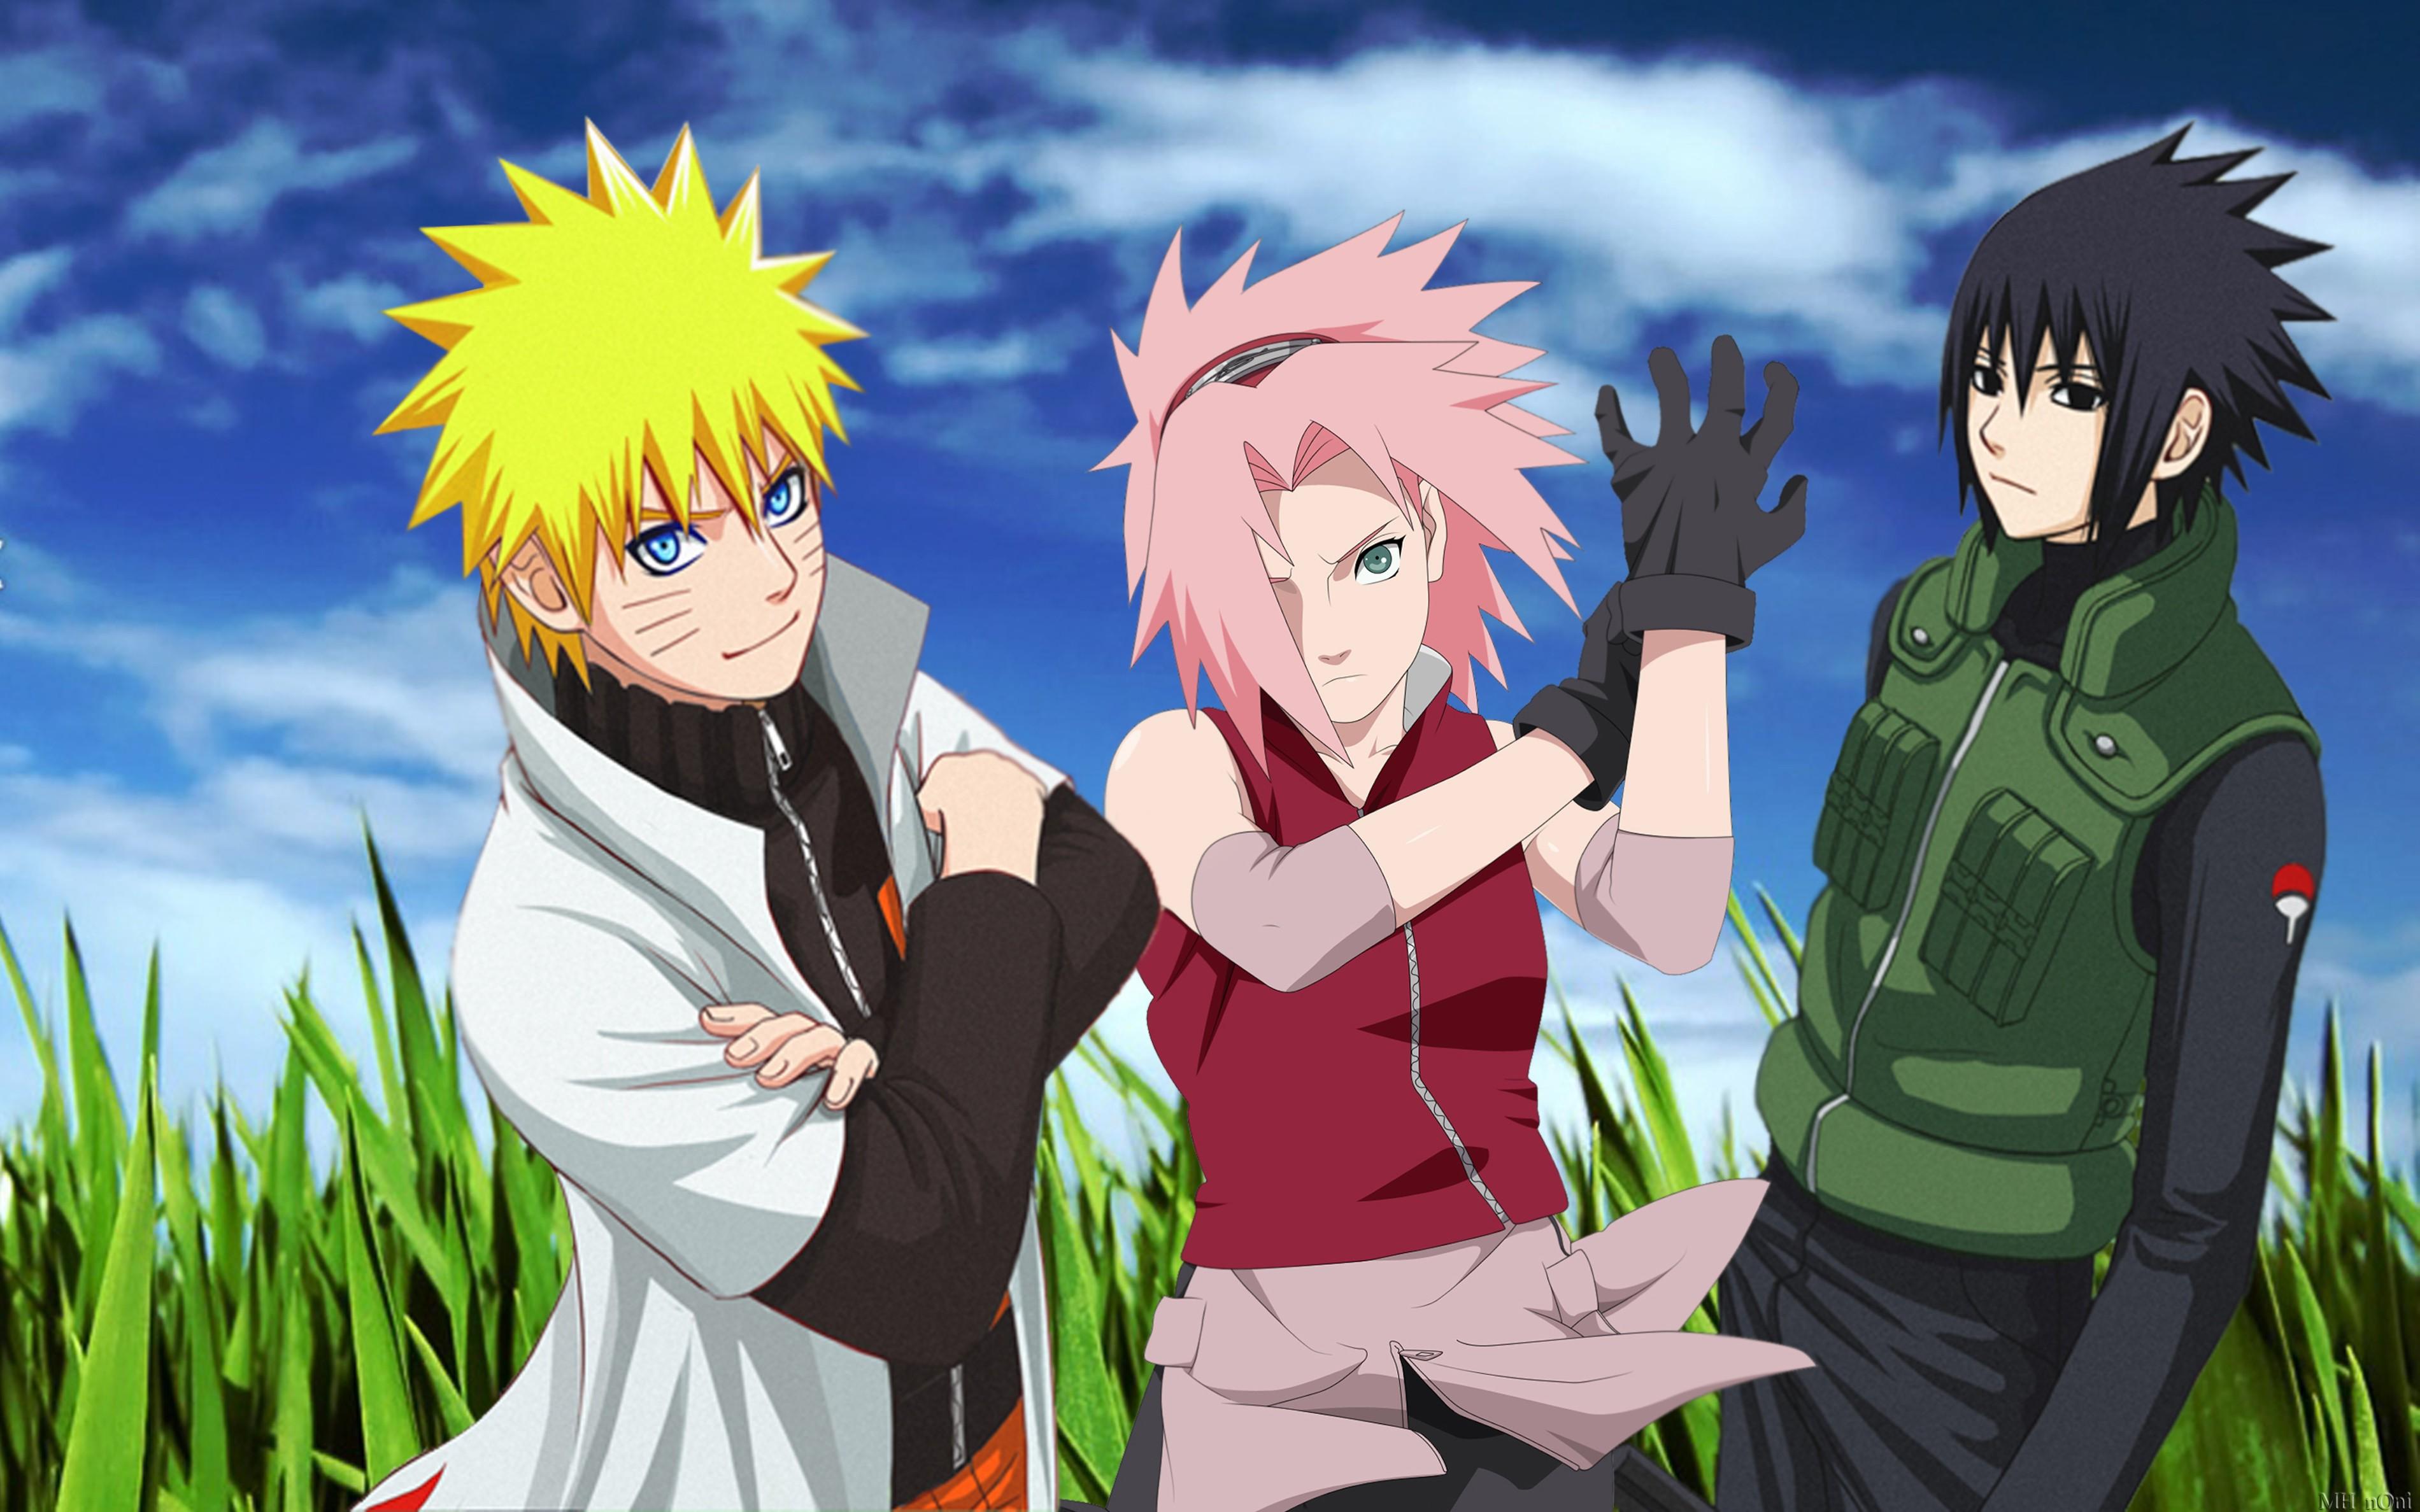 Sakura Uchiha Sasuke Naruto: Shippuden Uzumaki Naruto Hokage wallpaper